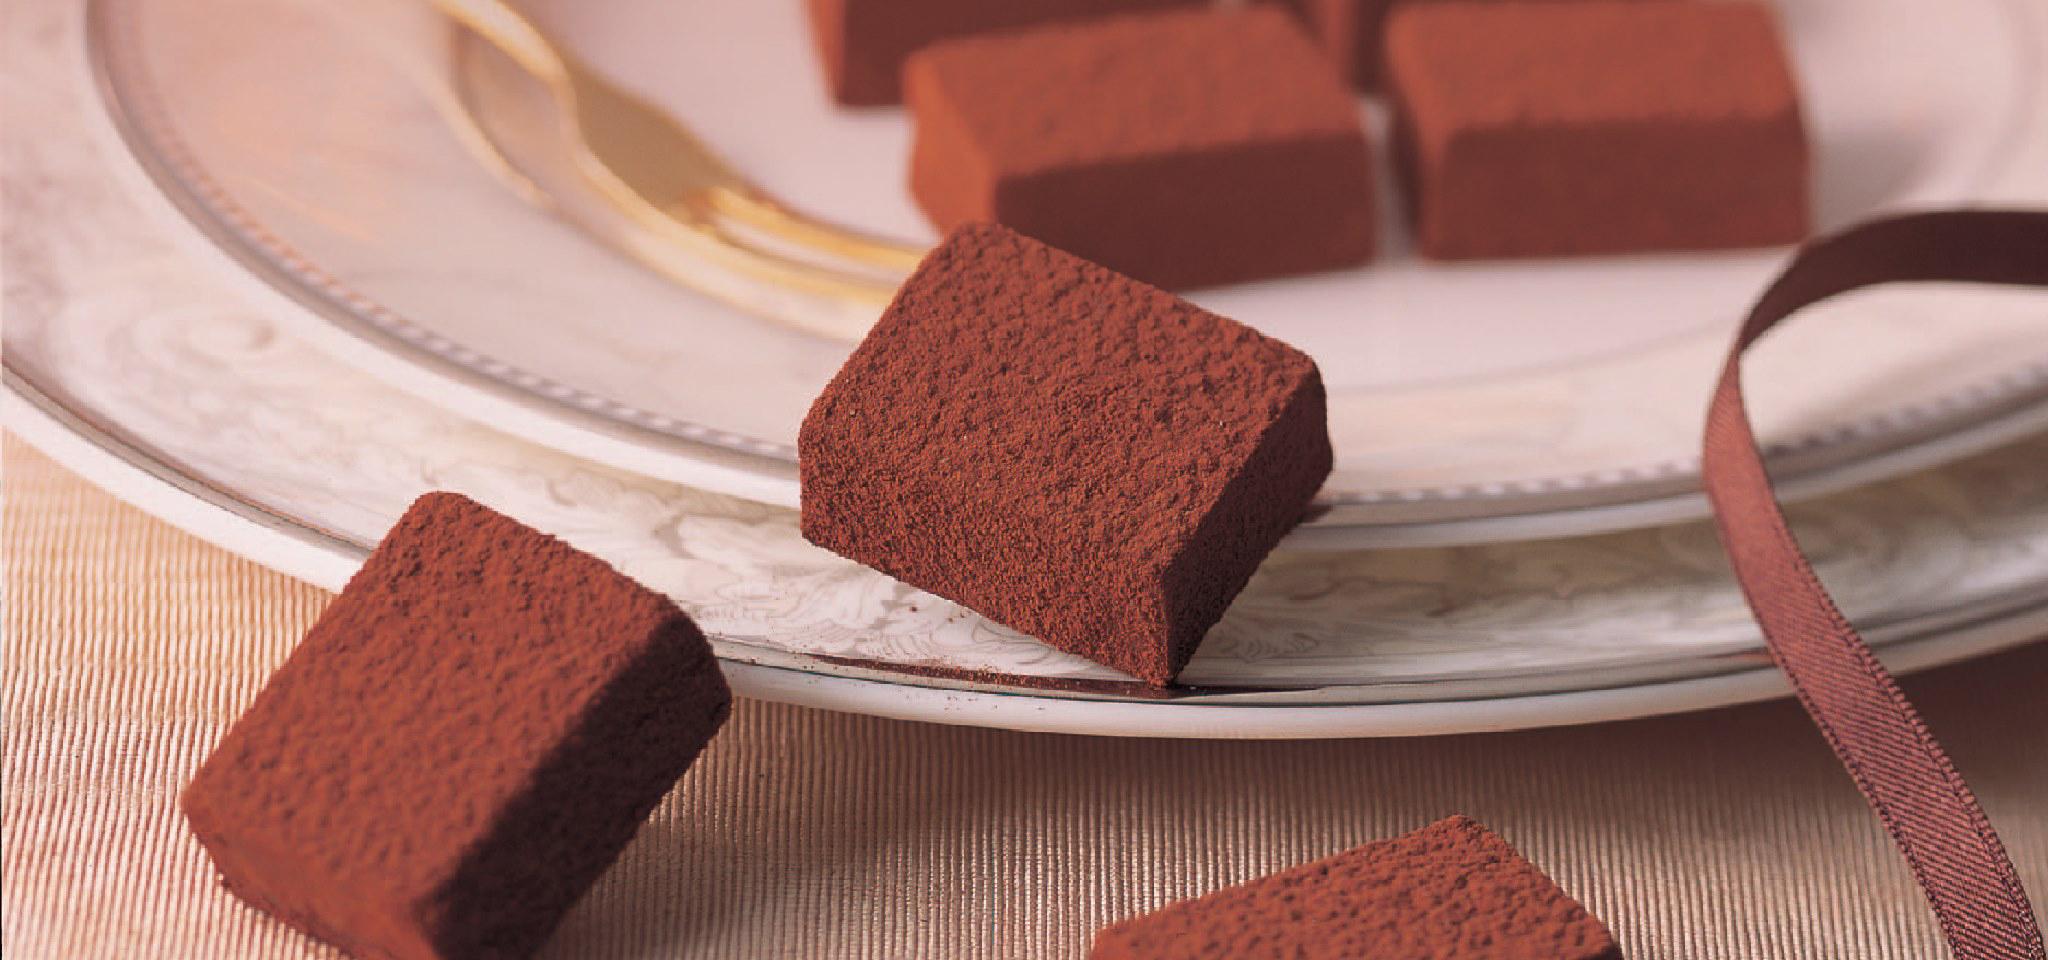 Các loại chocolate ngon